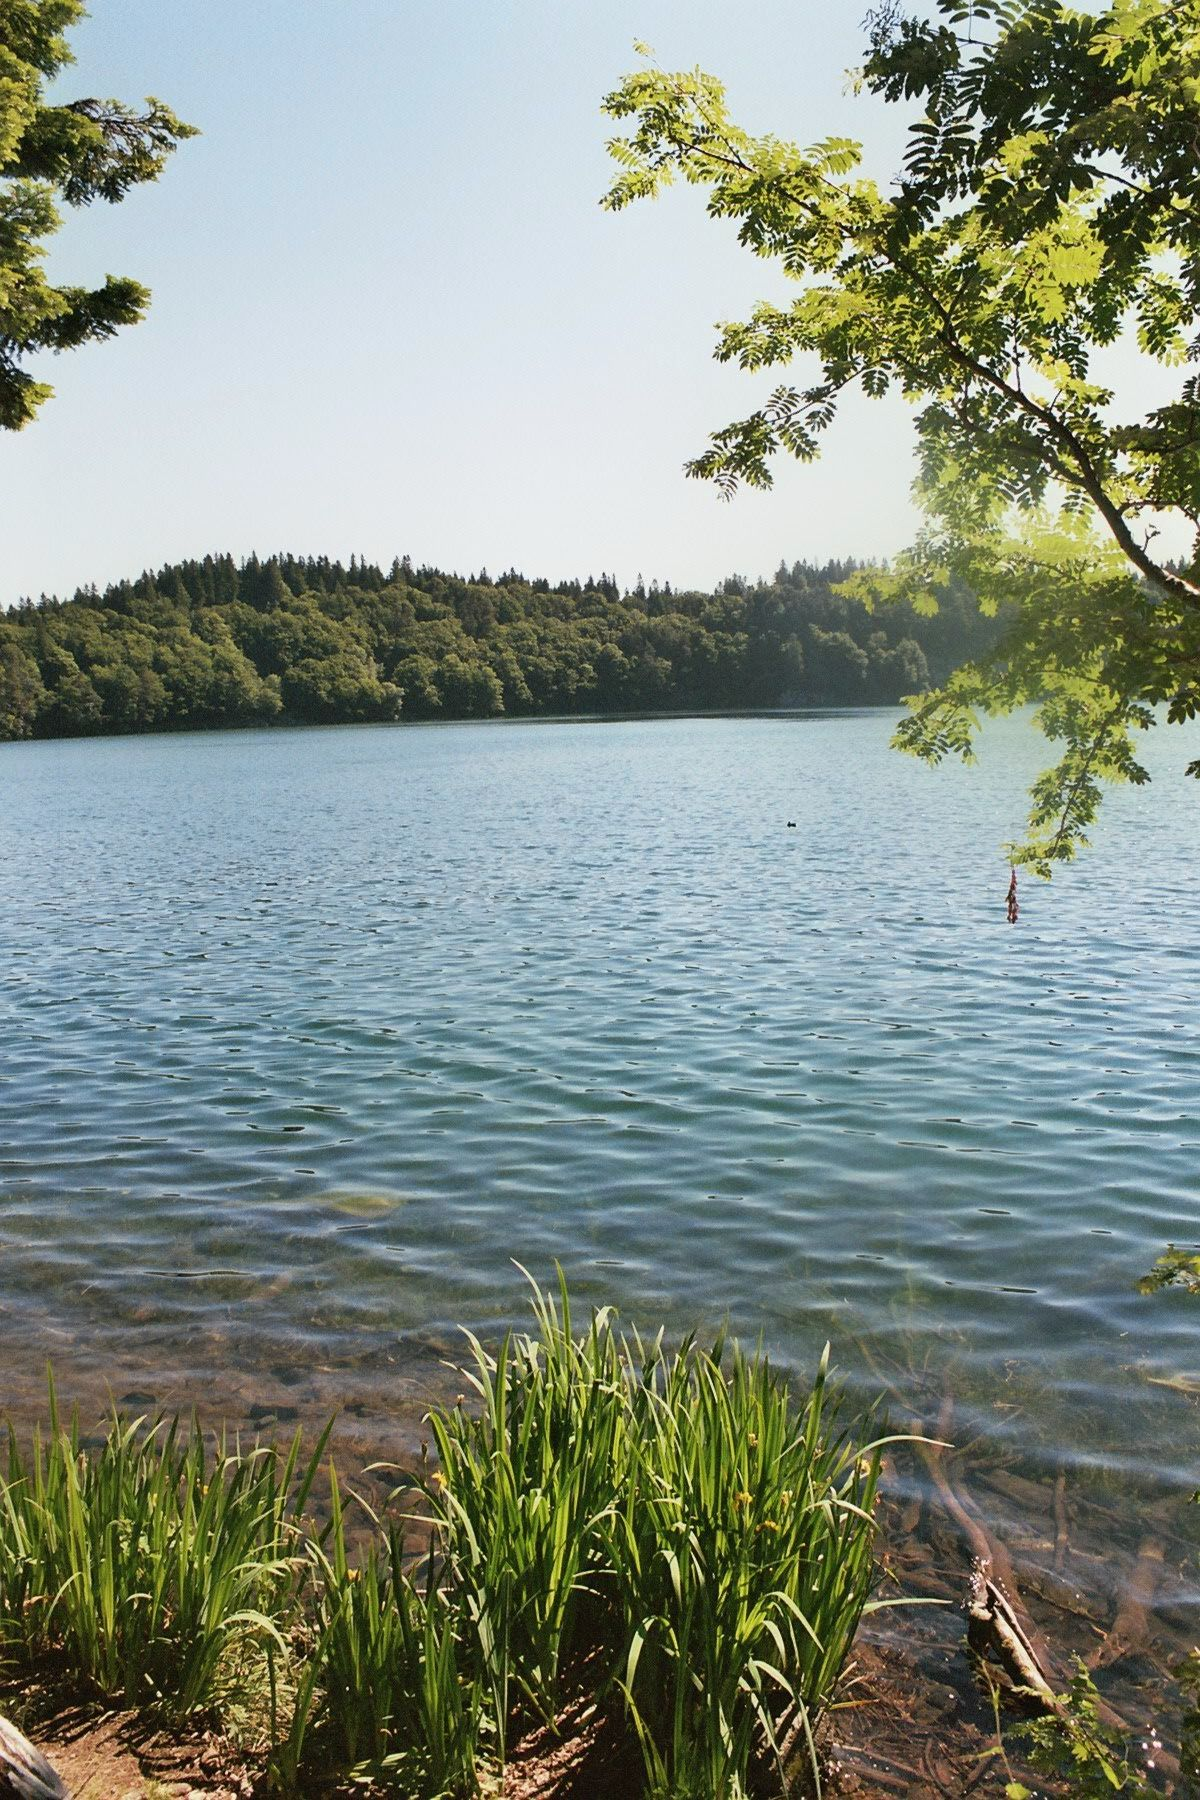 Pourquoi les lacs disparaissent-ils ?